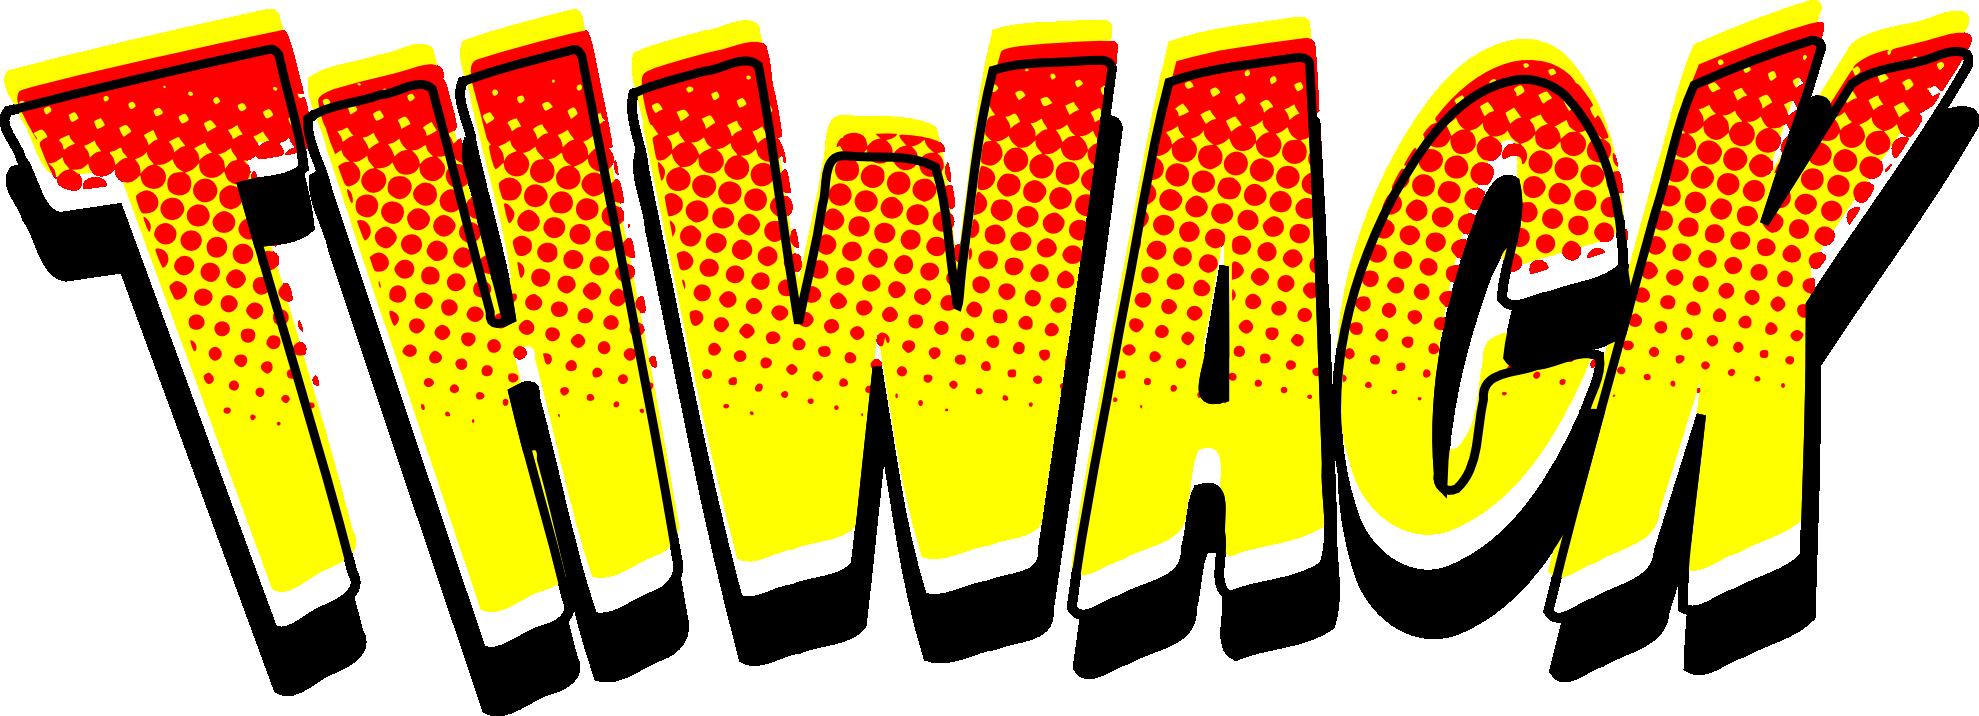 Comic Book Clip Art. Clip Art: Thwack So-Comic Book Clip Art. Clip Art: thwack soundeffect .-4